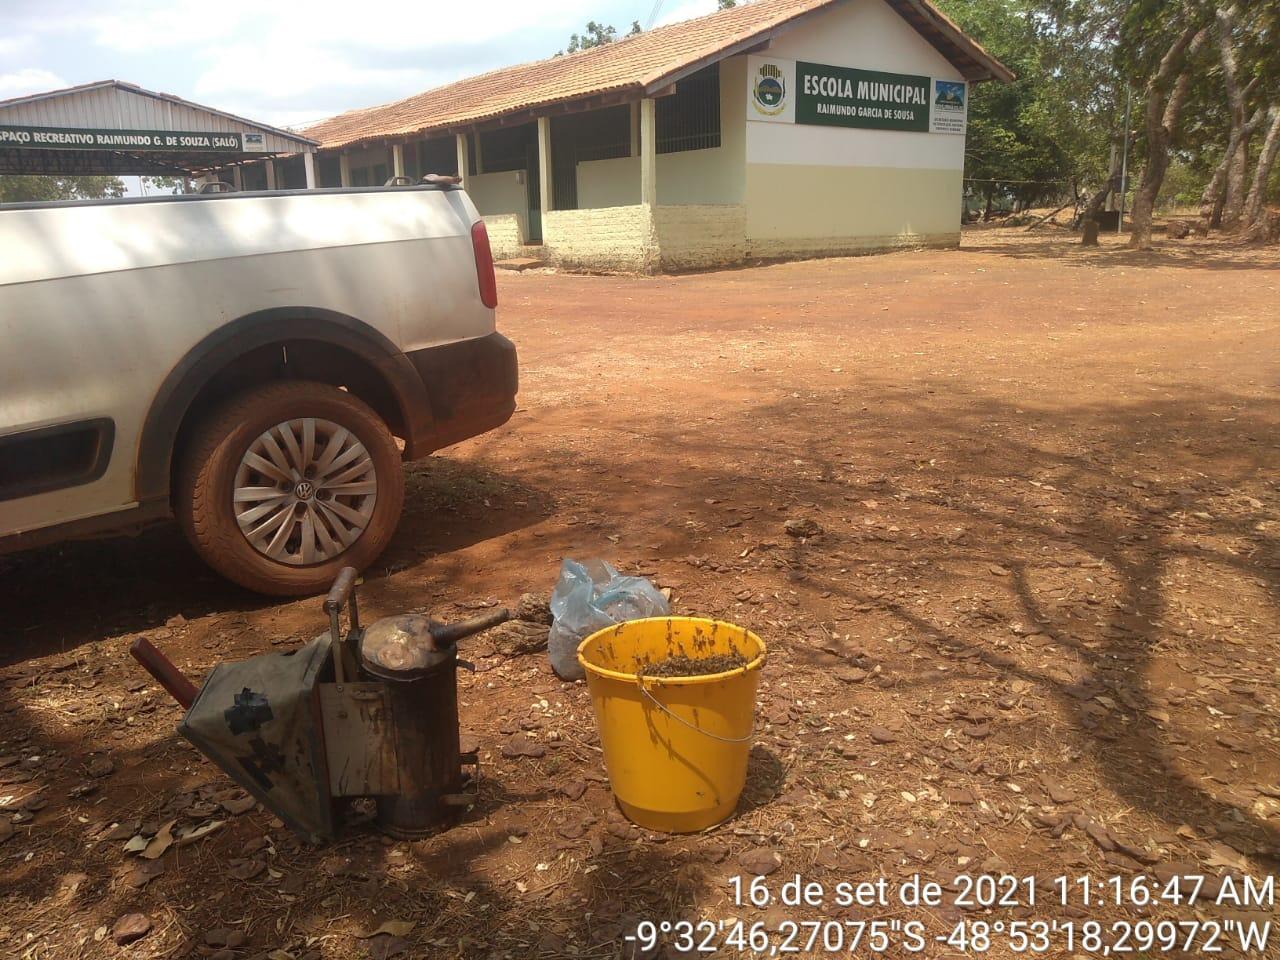 Colmeia estava na Escola Municipal Raimundo Garcia de Souza - Foto: Ascom/Divulgação